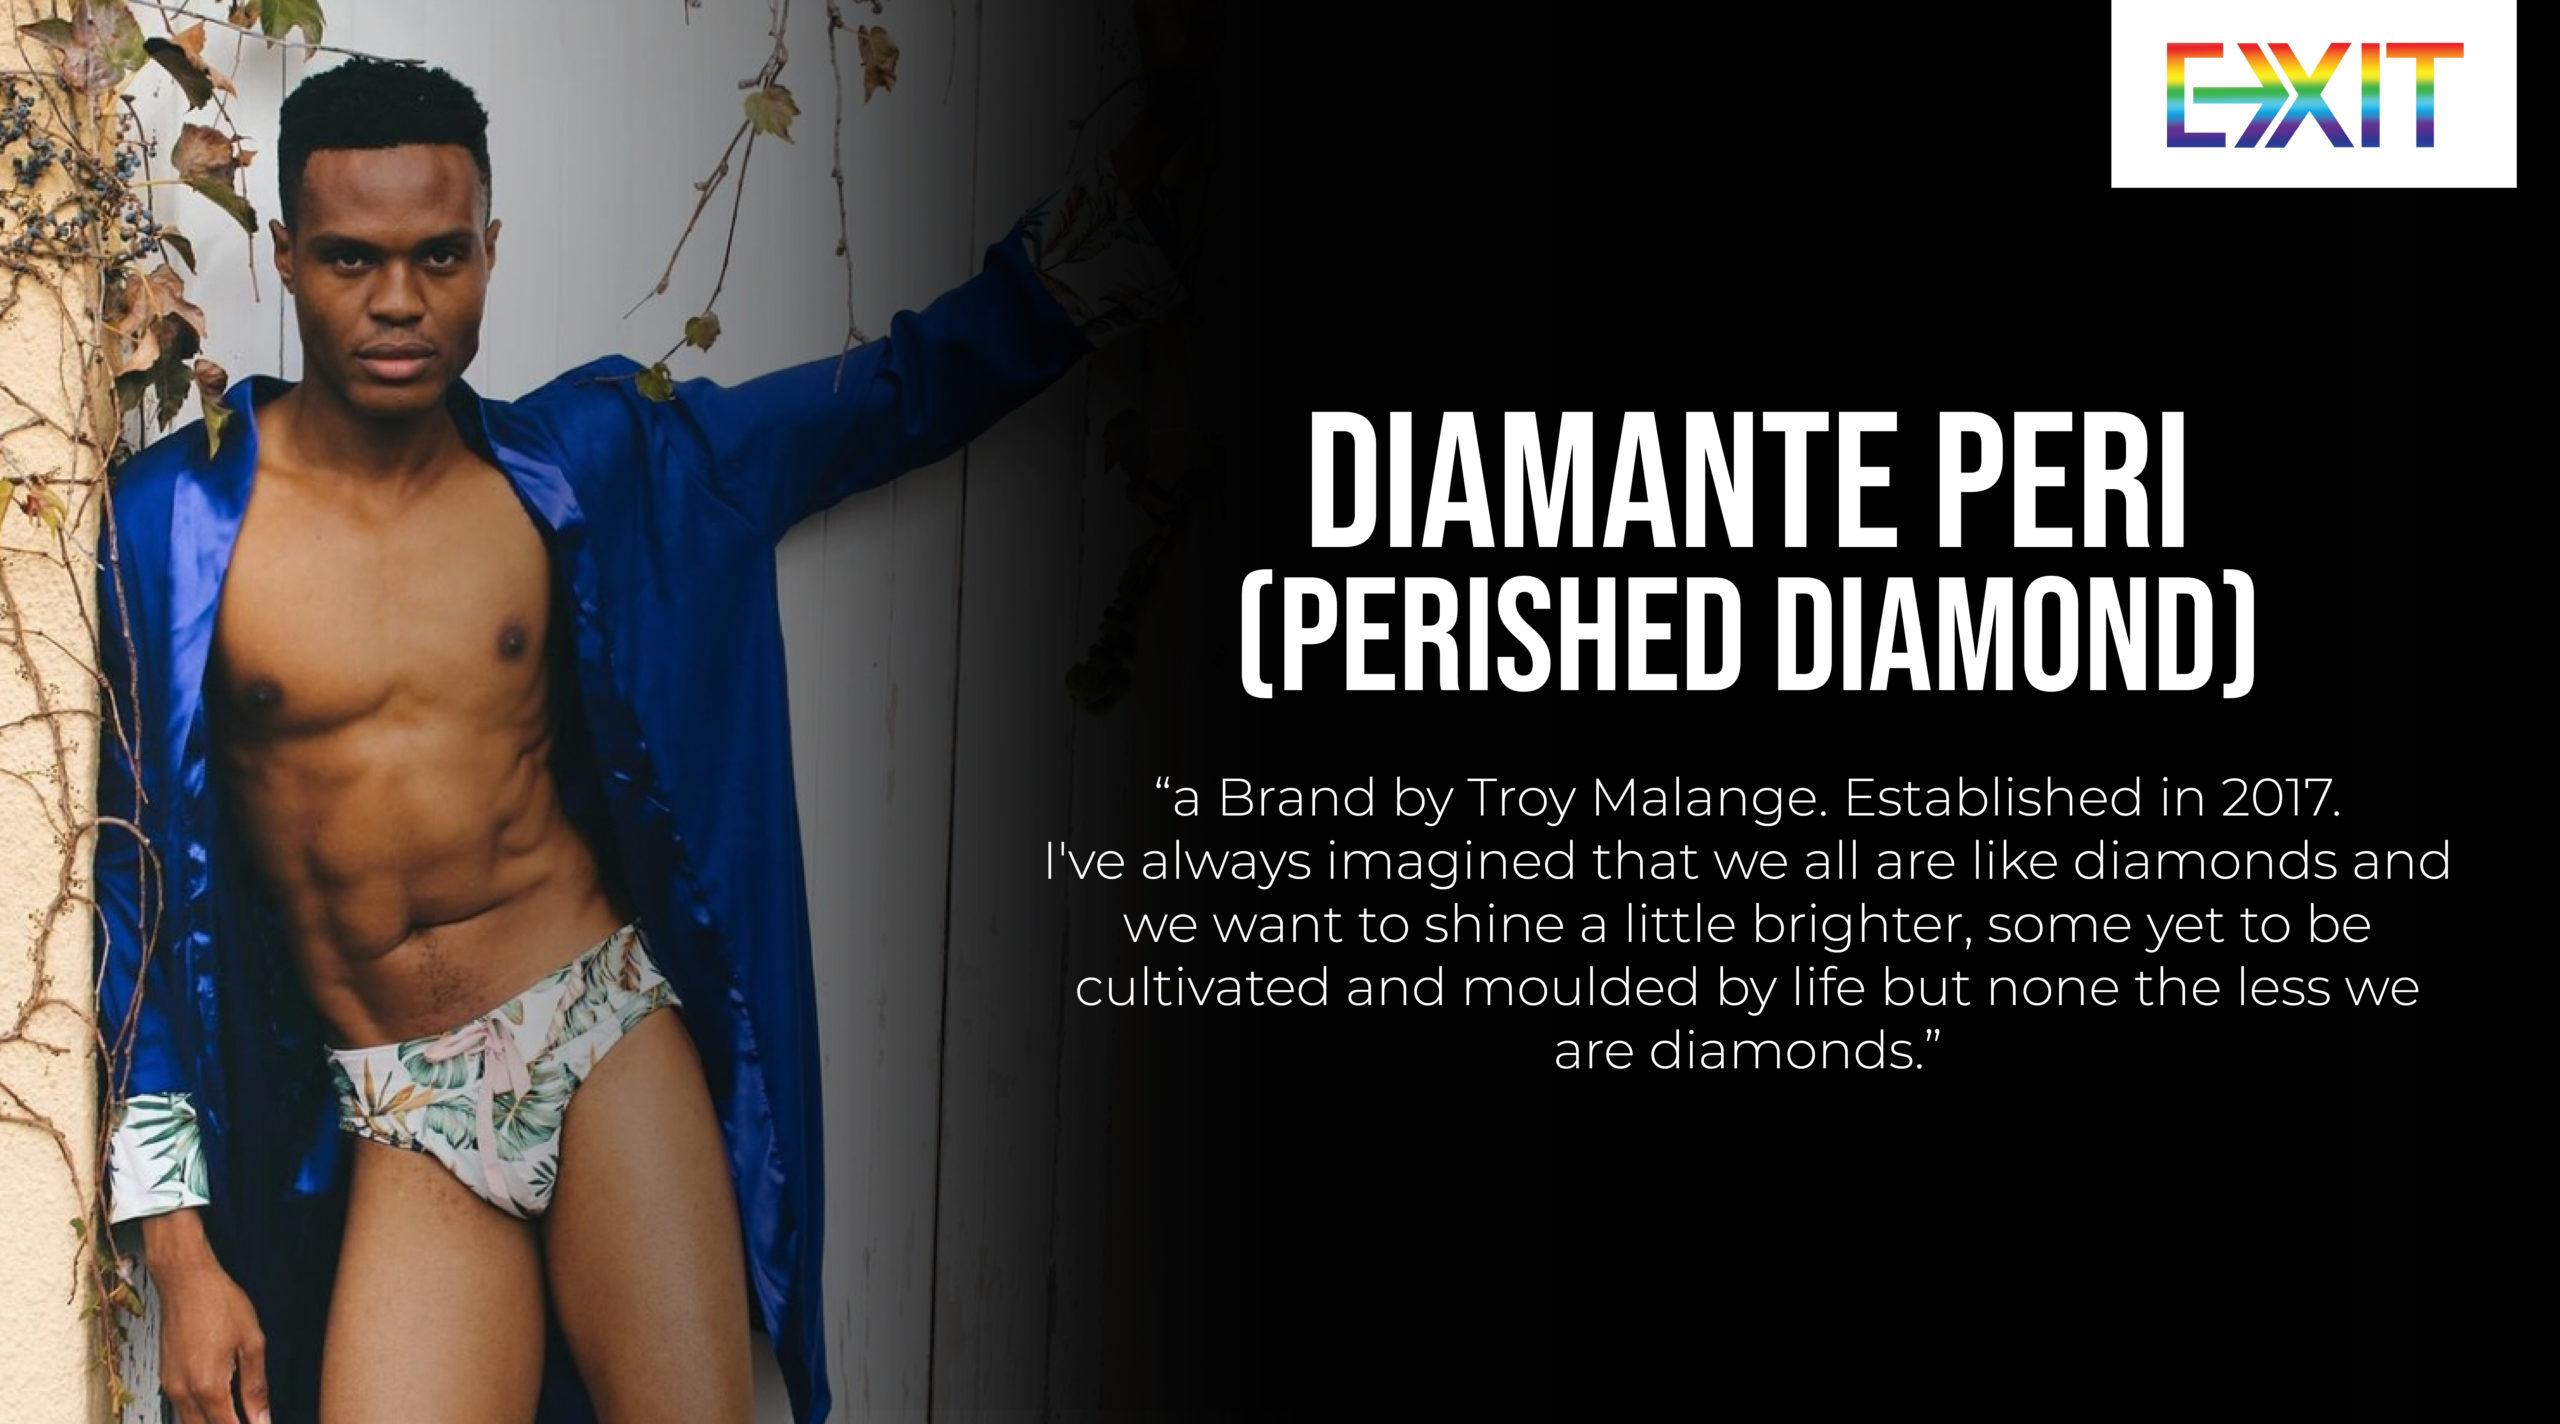 DIAMANTE PERI (PERISHED DIAMOND)